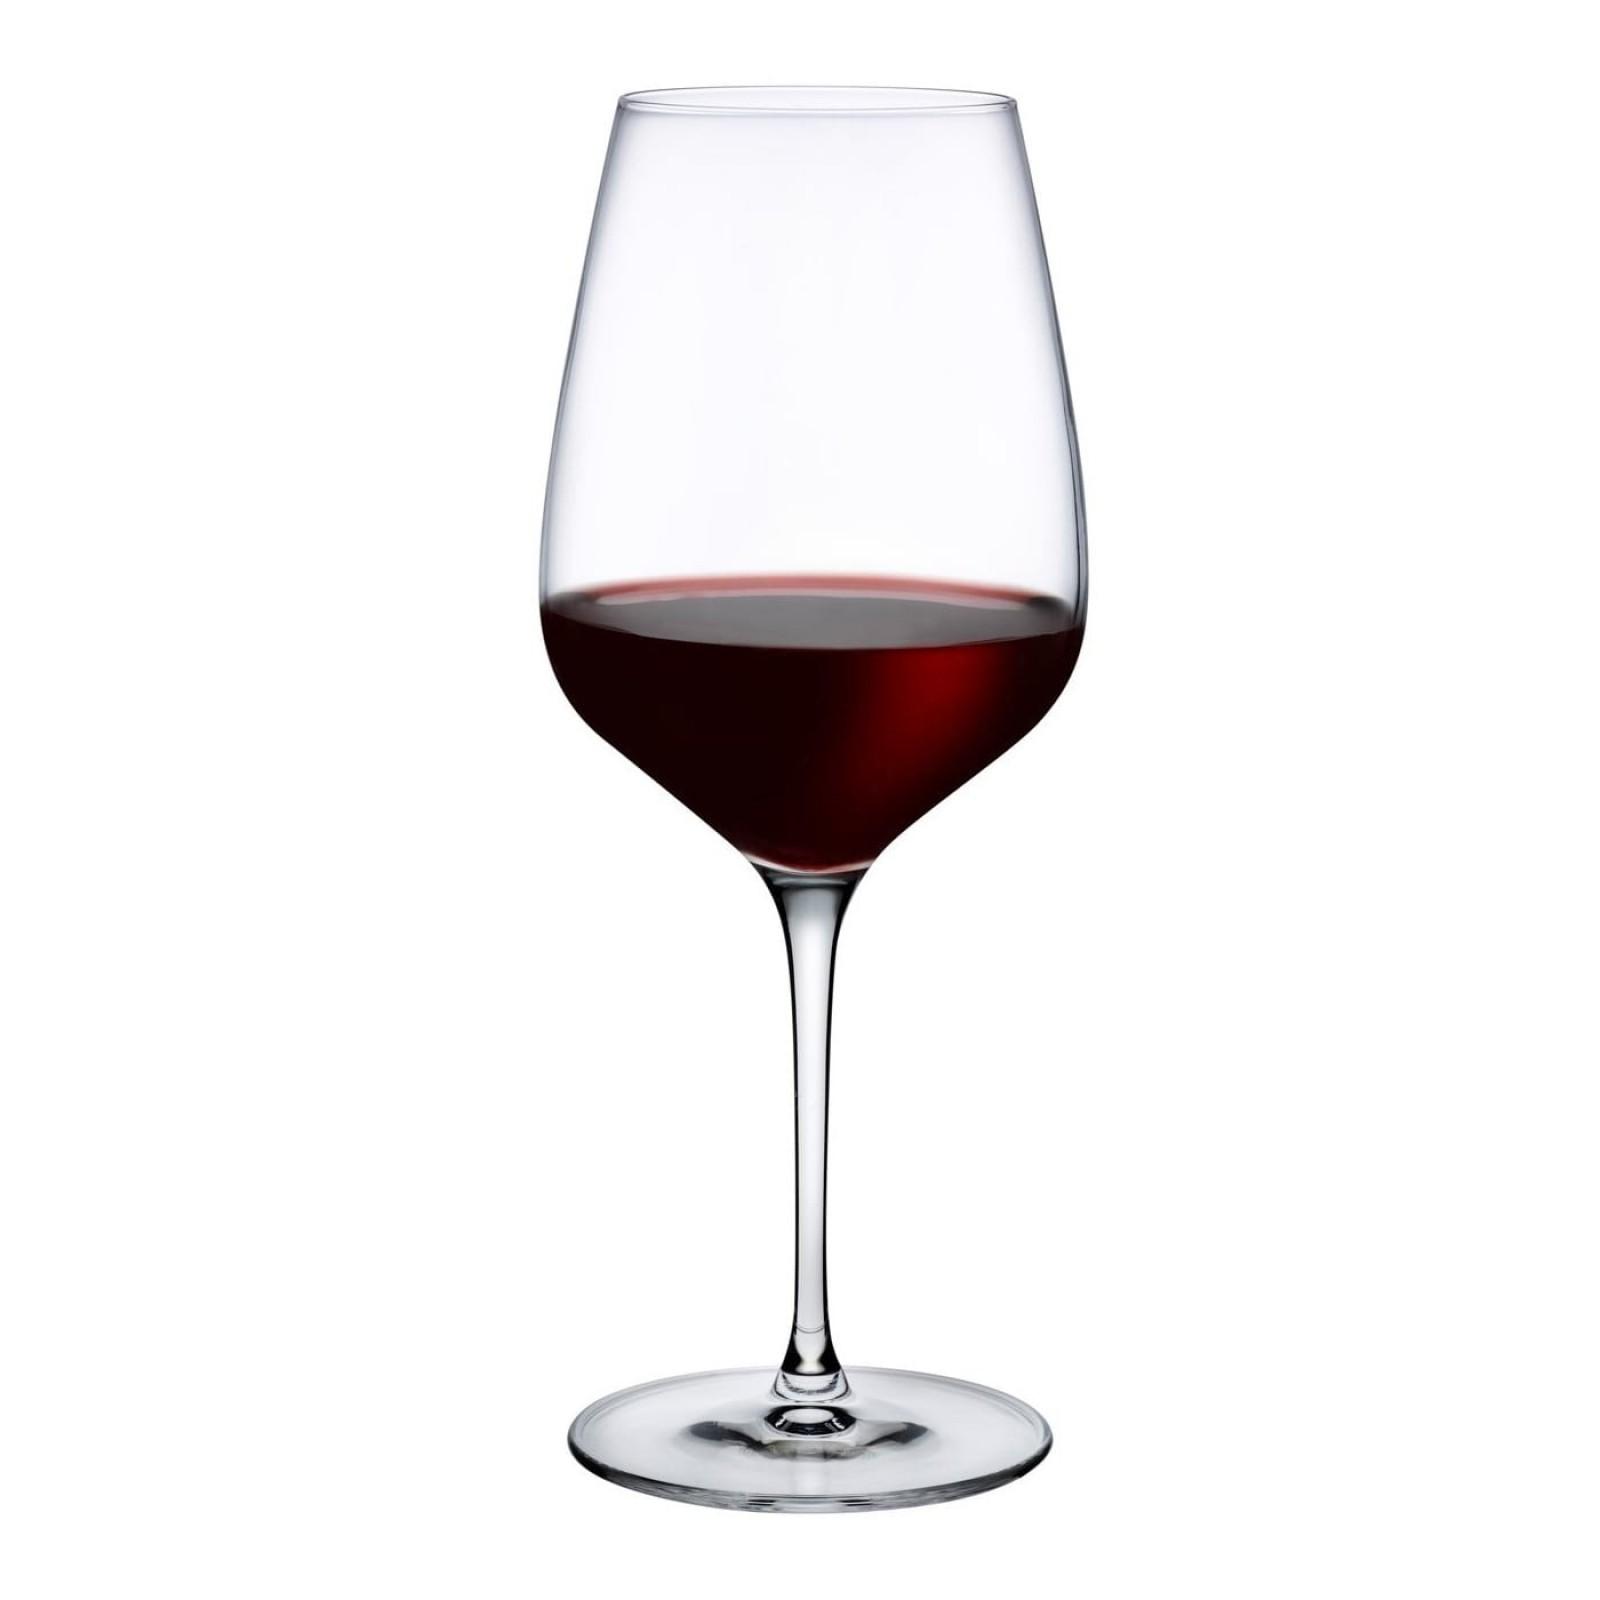 Ποτήρια Κόκκινου Κρασιού Refine 610 ml (Σετ των 6) - Nude Glass